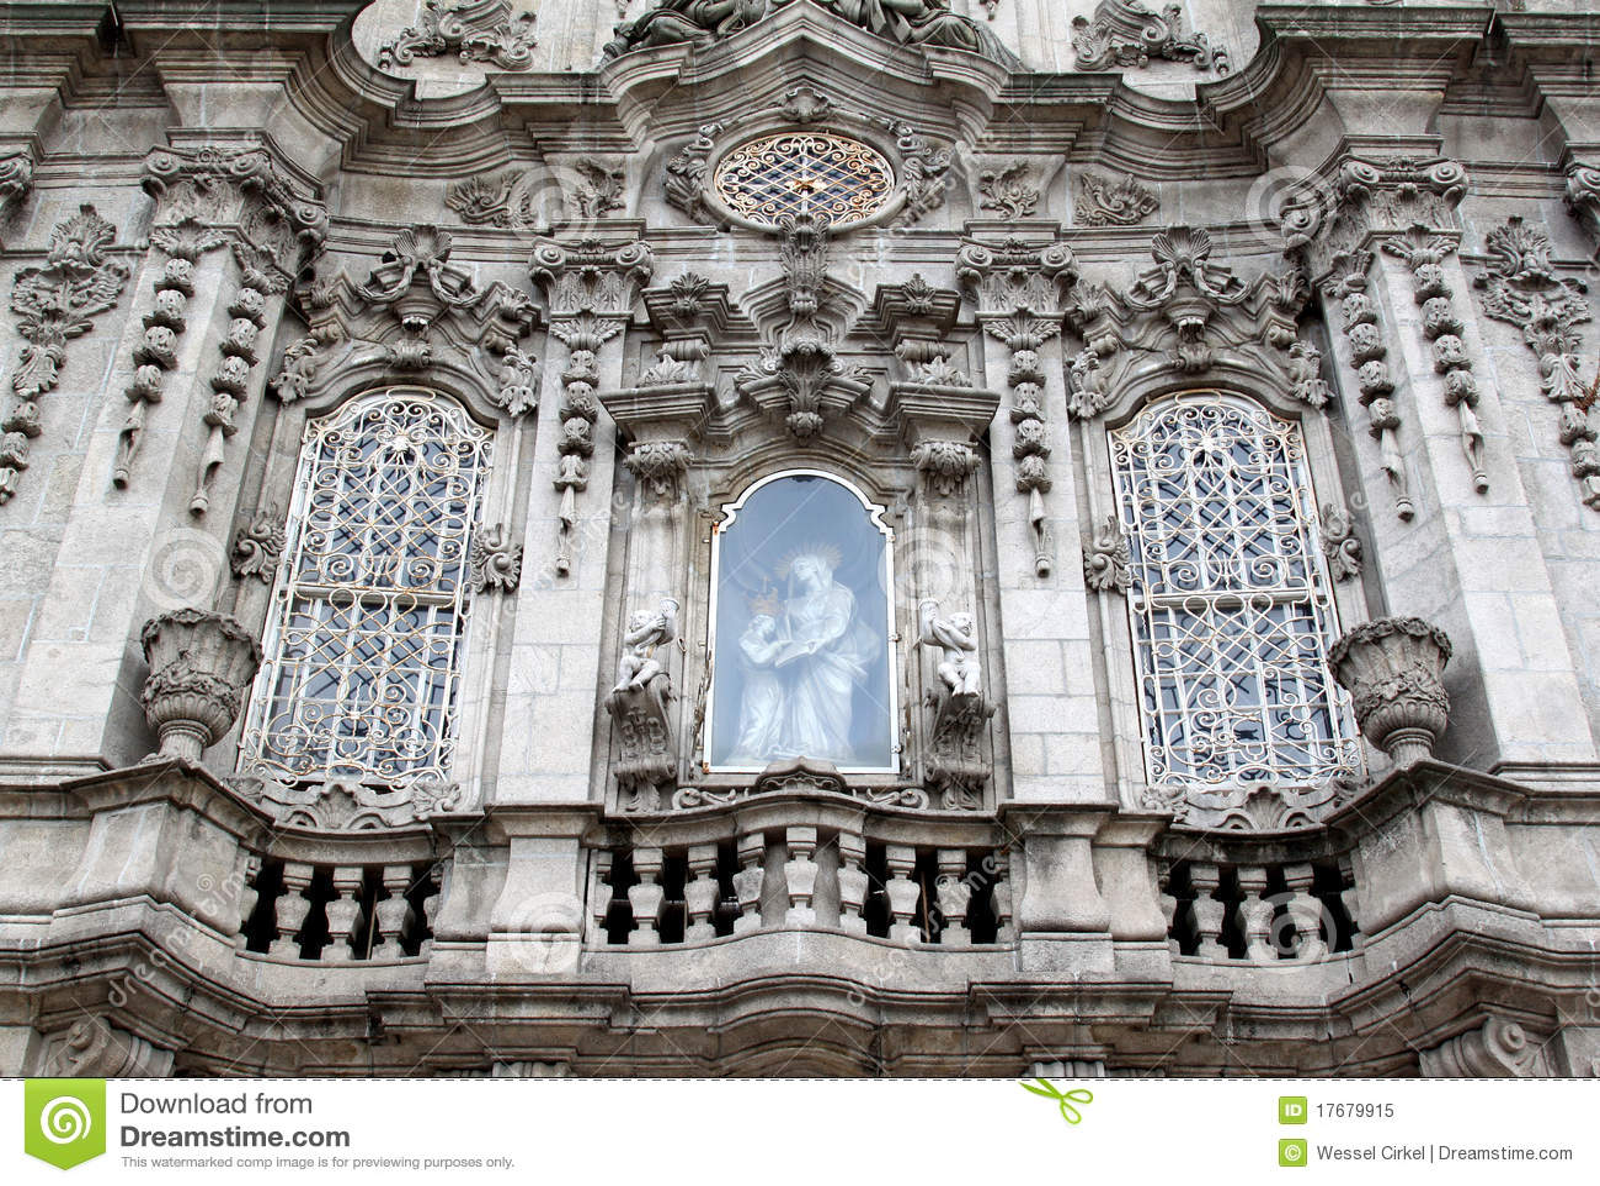 Facade of Igreja do Carmo in Porto, Portugal